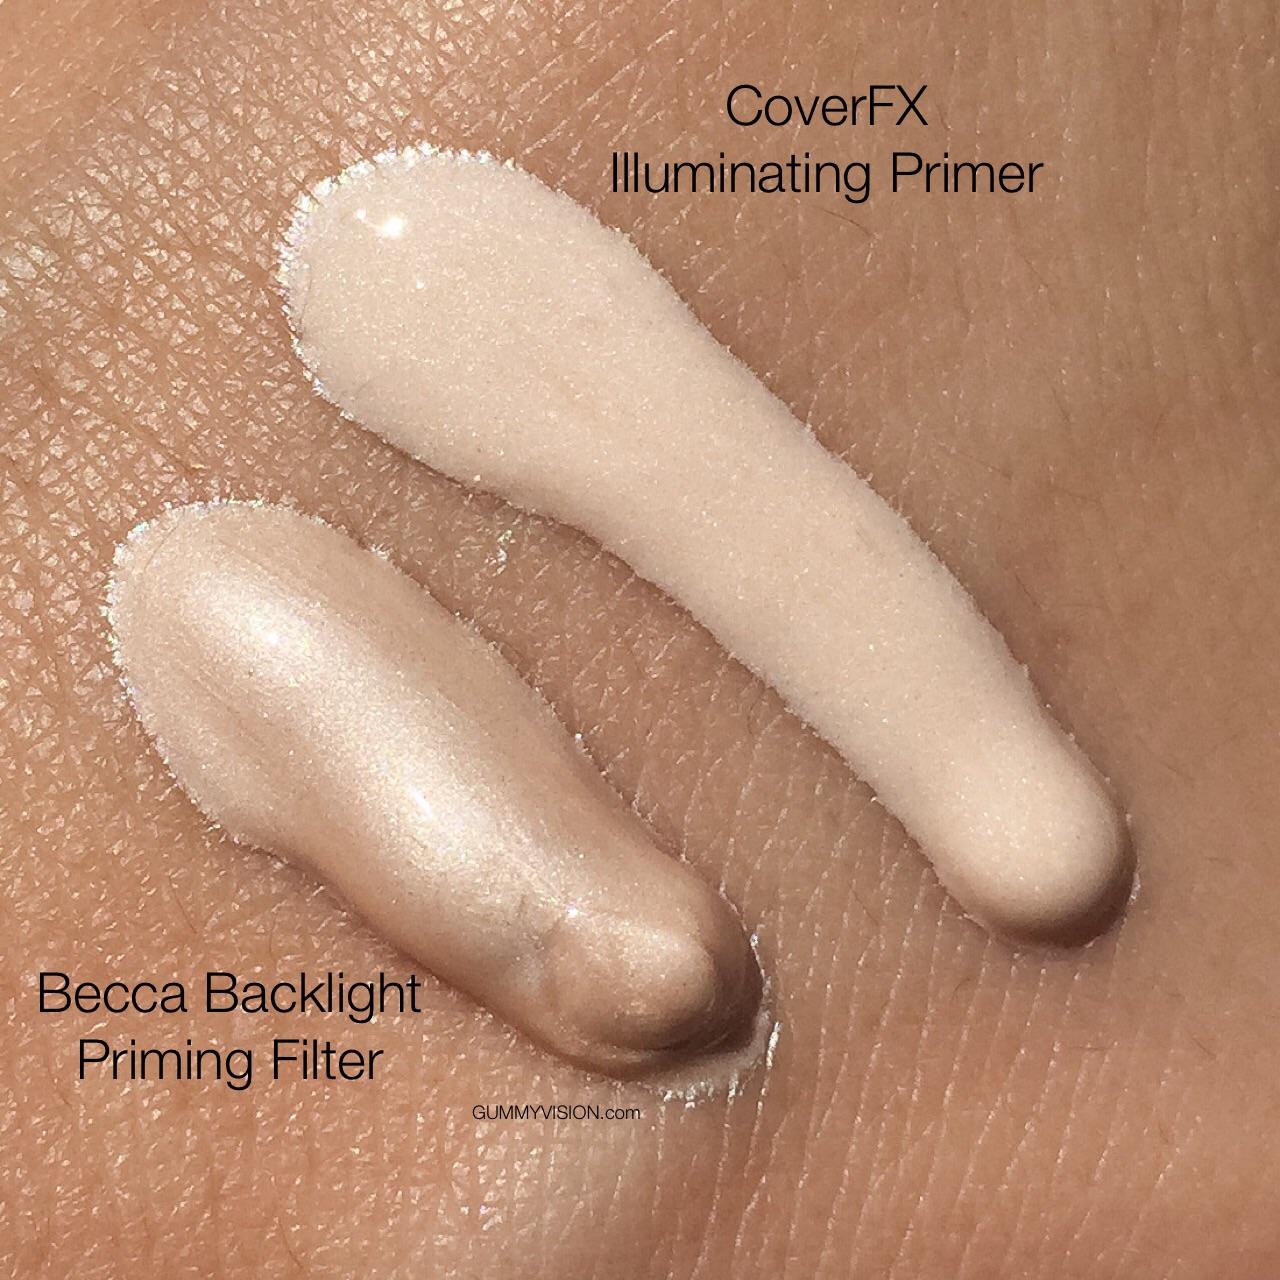 BECCA Backlight Priming Filter  color vs. CoverFX Illuminating Primer color - gummyvision.com